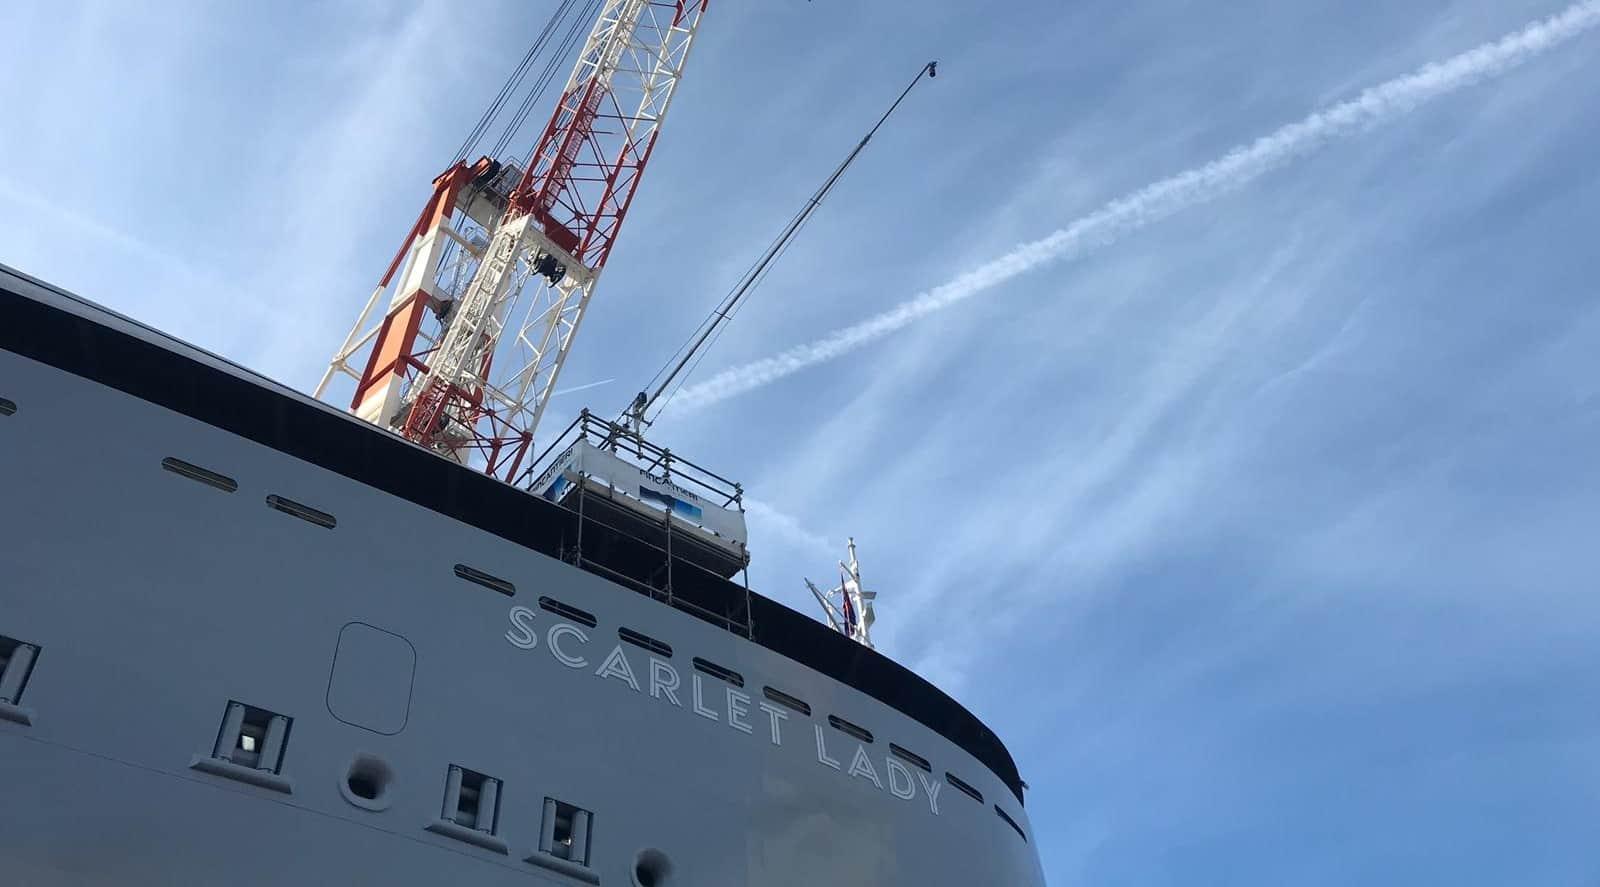 News sur la navale mondiale (les chantiers de constructions navales-dont chantiers STX stNaz) - Page 9 8